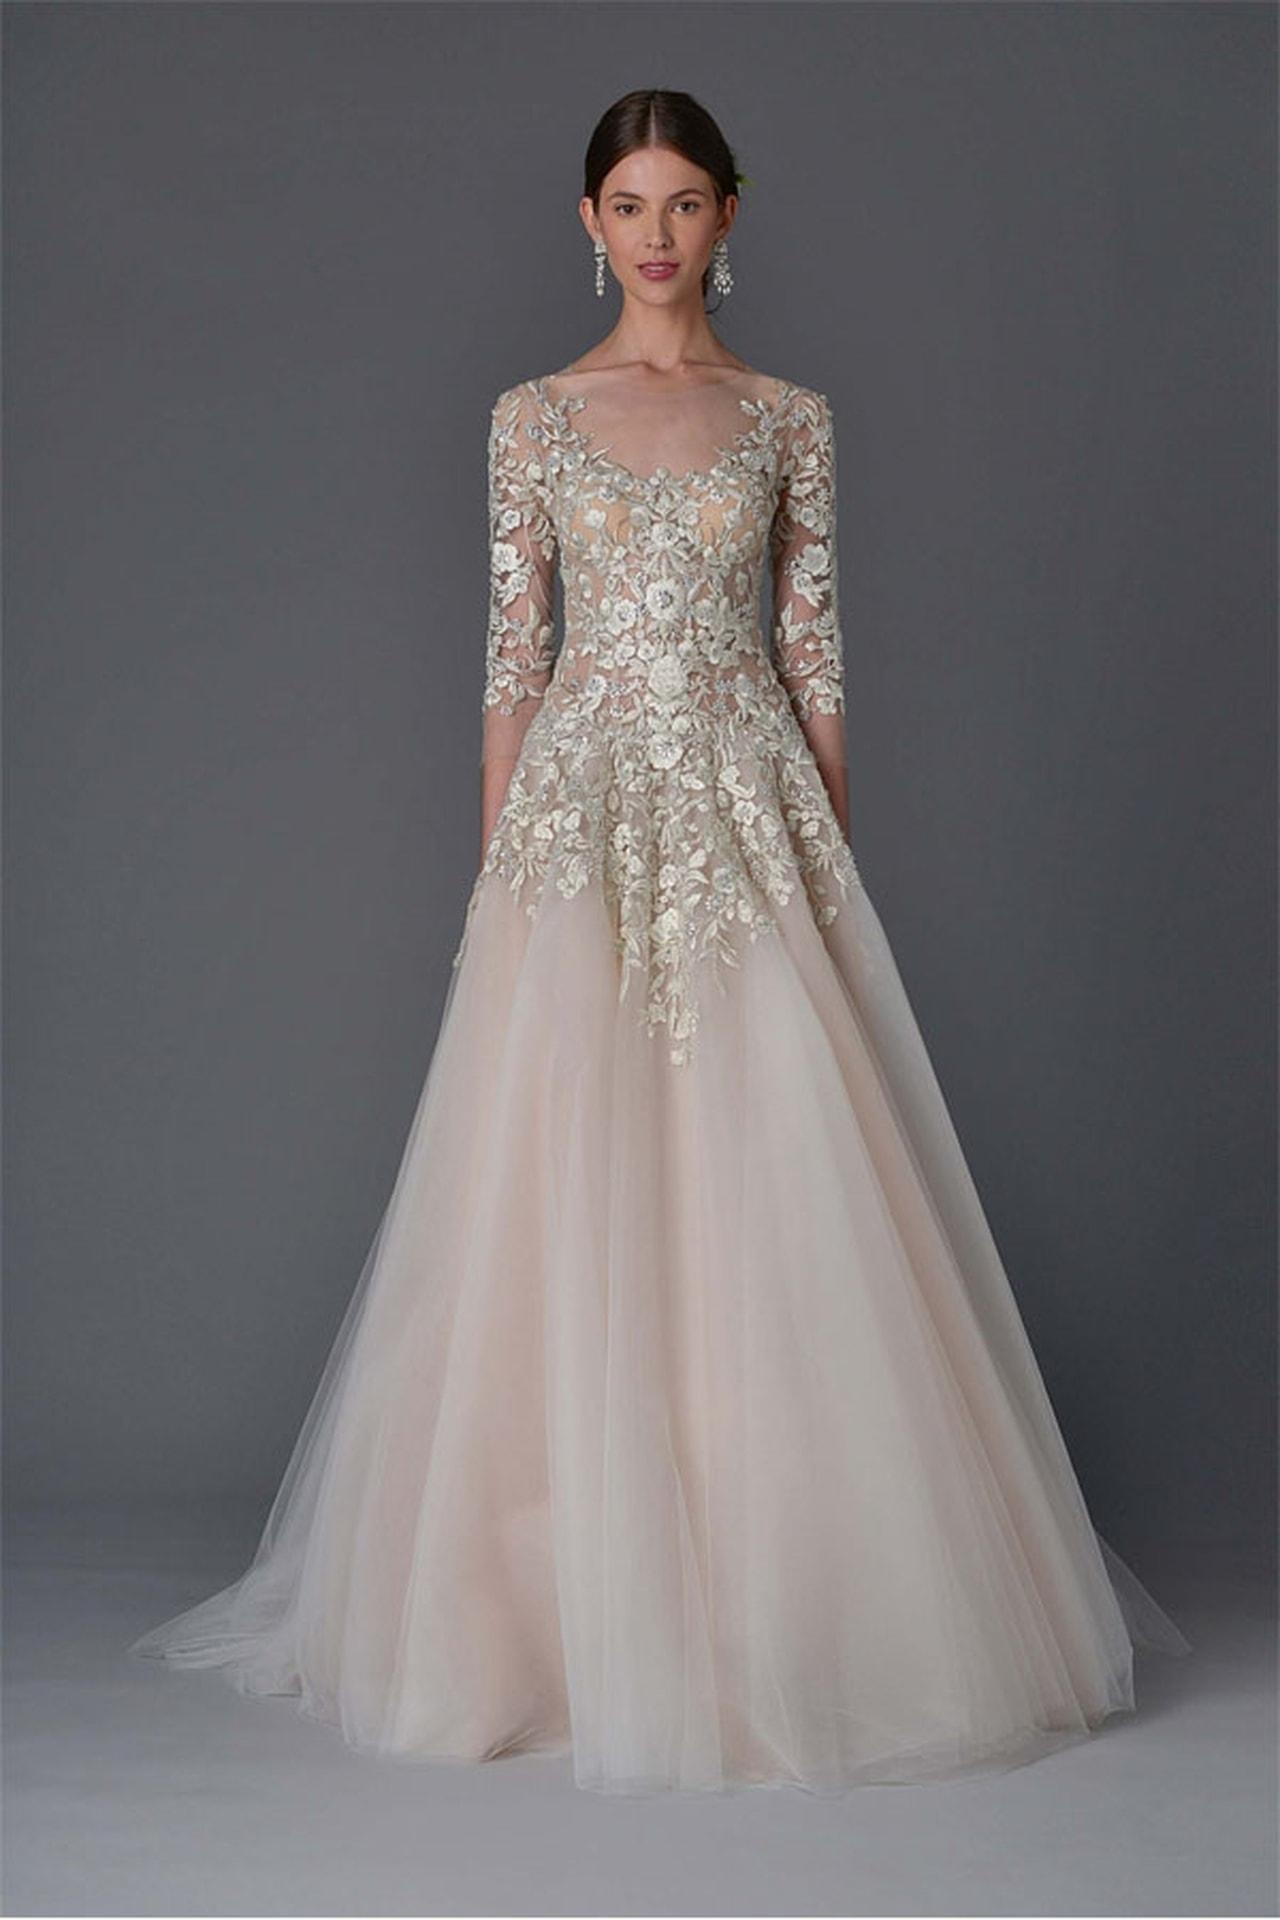 بالصور فساتين طويله فخمه , اجمل الفساتين الراقية 3898 6